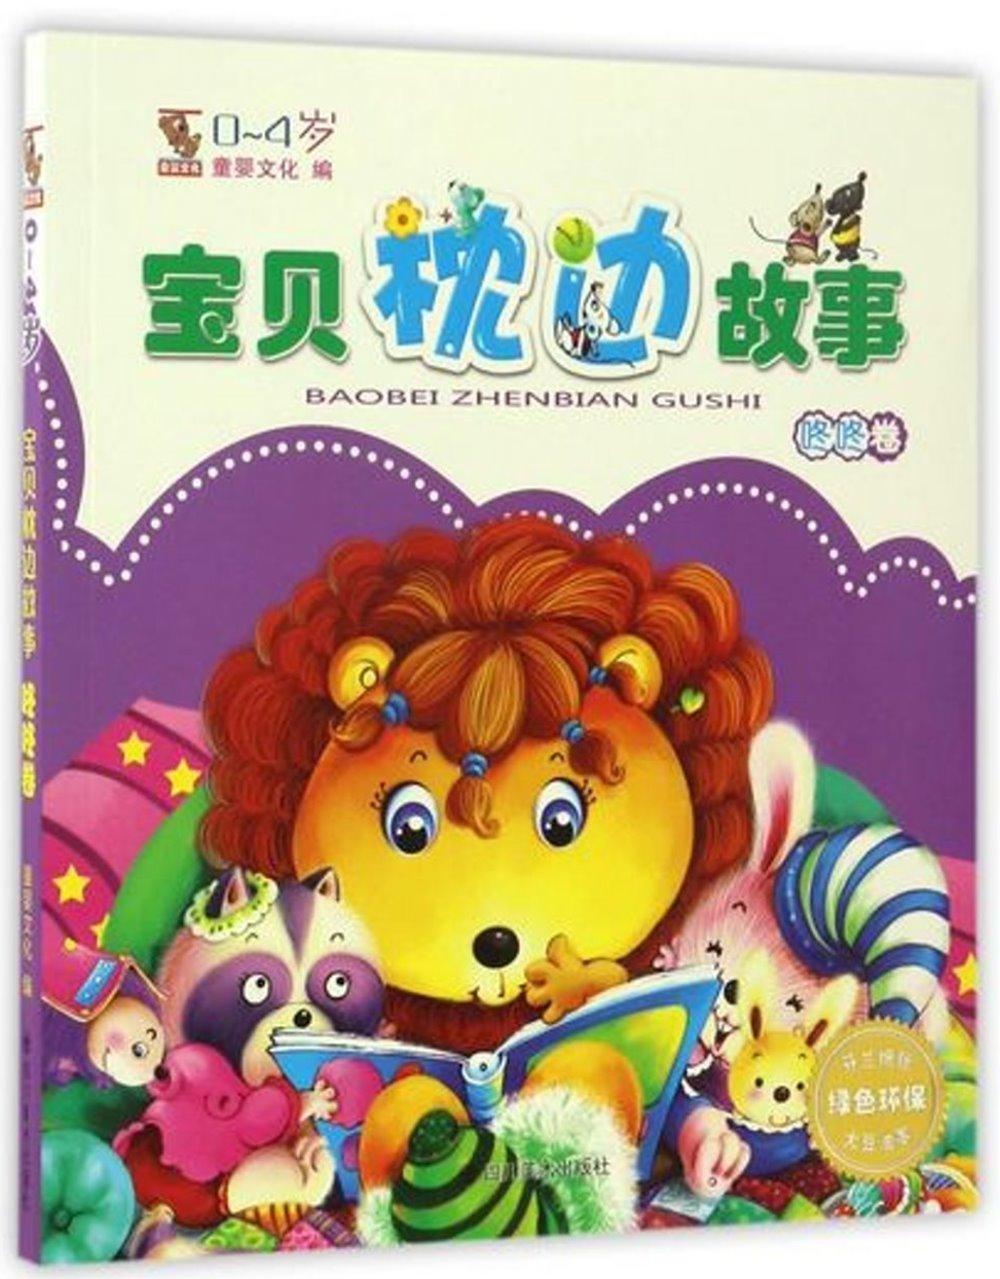 0-4歲寶貝枕邊故事:咚咚卷